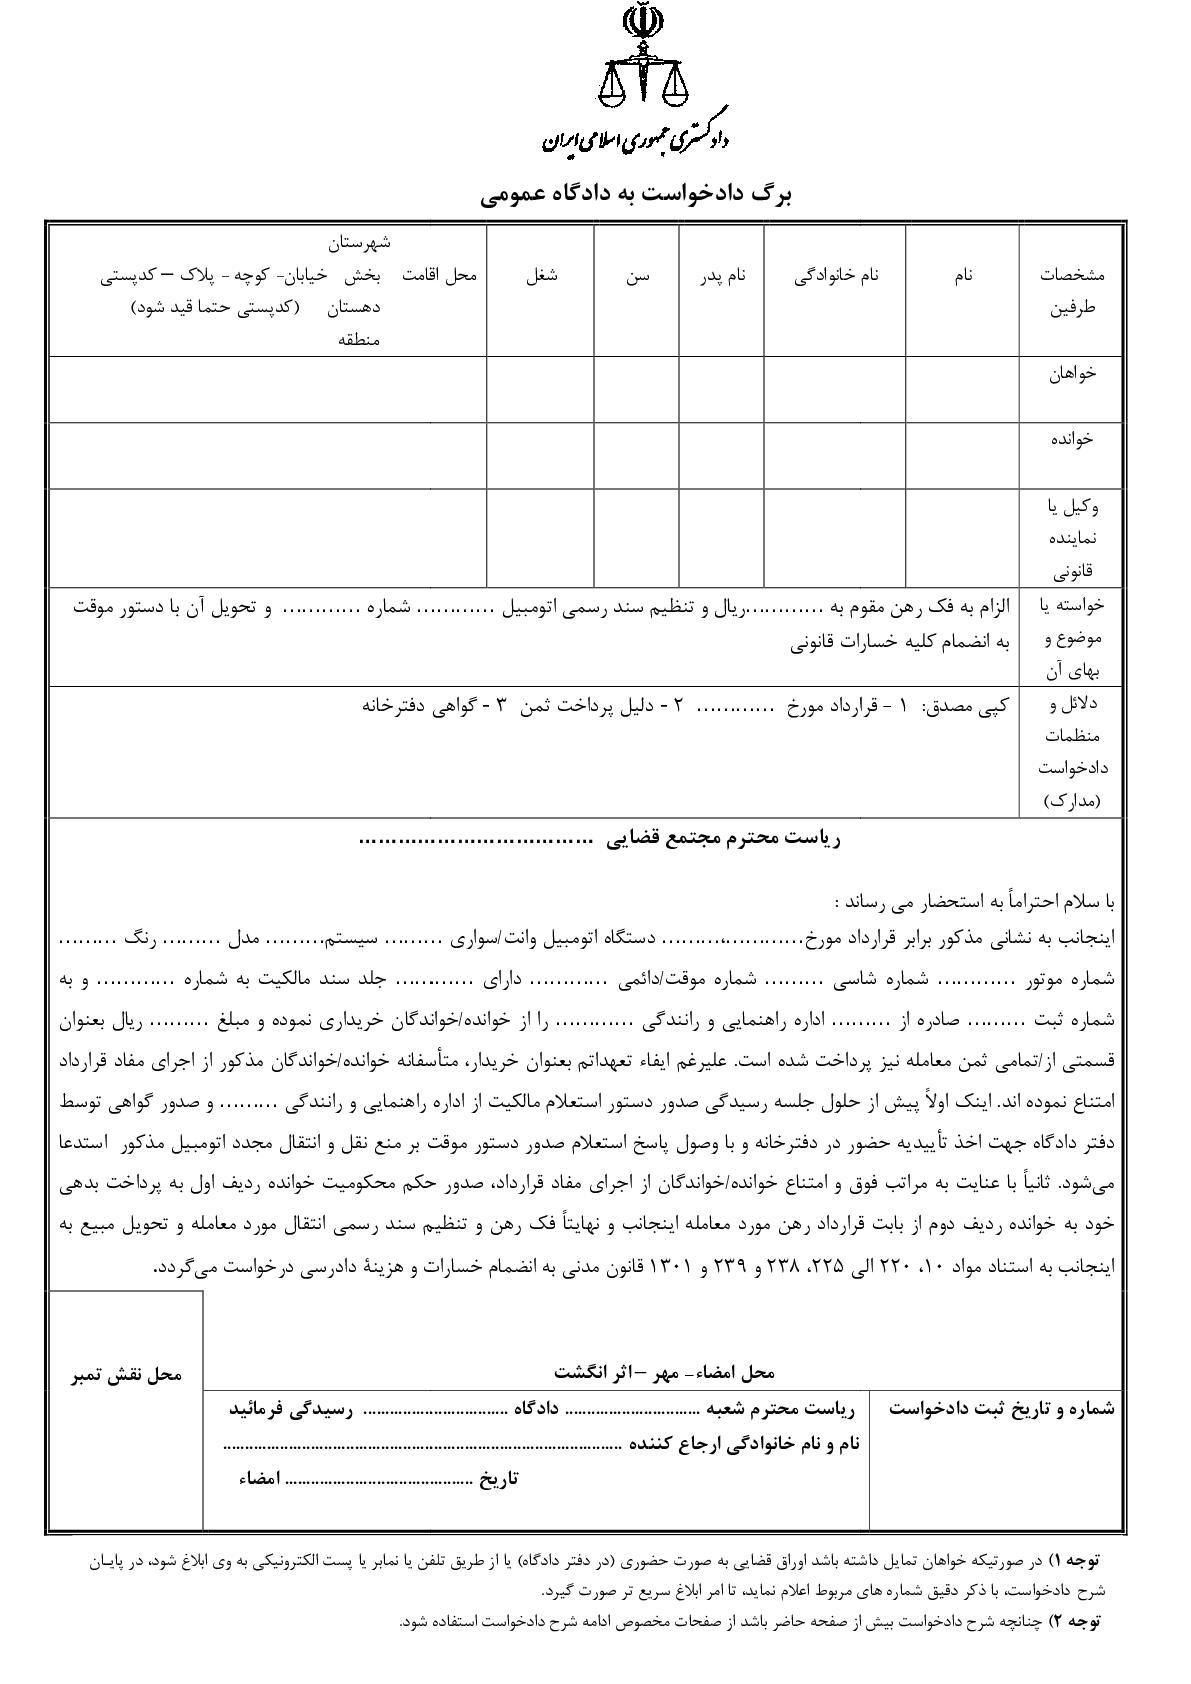 دادخواست الزام به تنظیم سند رسمی اتومبیل و تحویل مبیع با فک رهن و دستور موقت